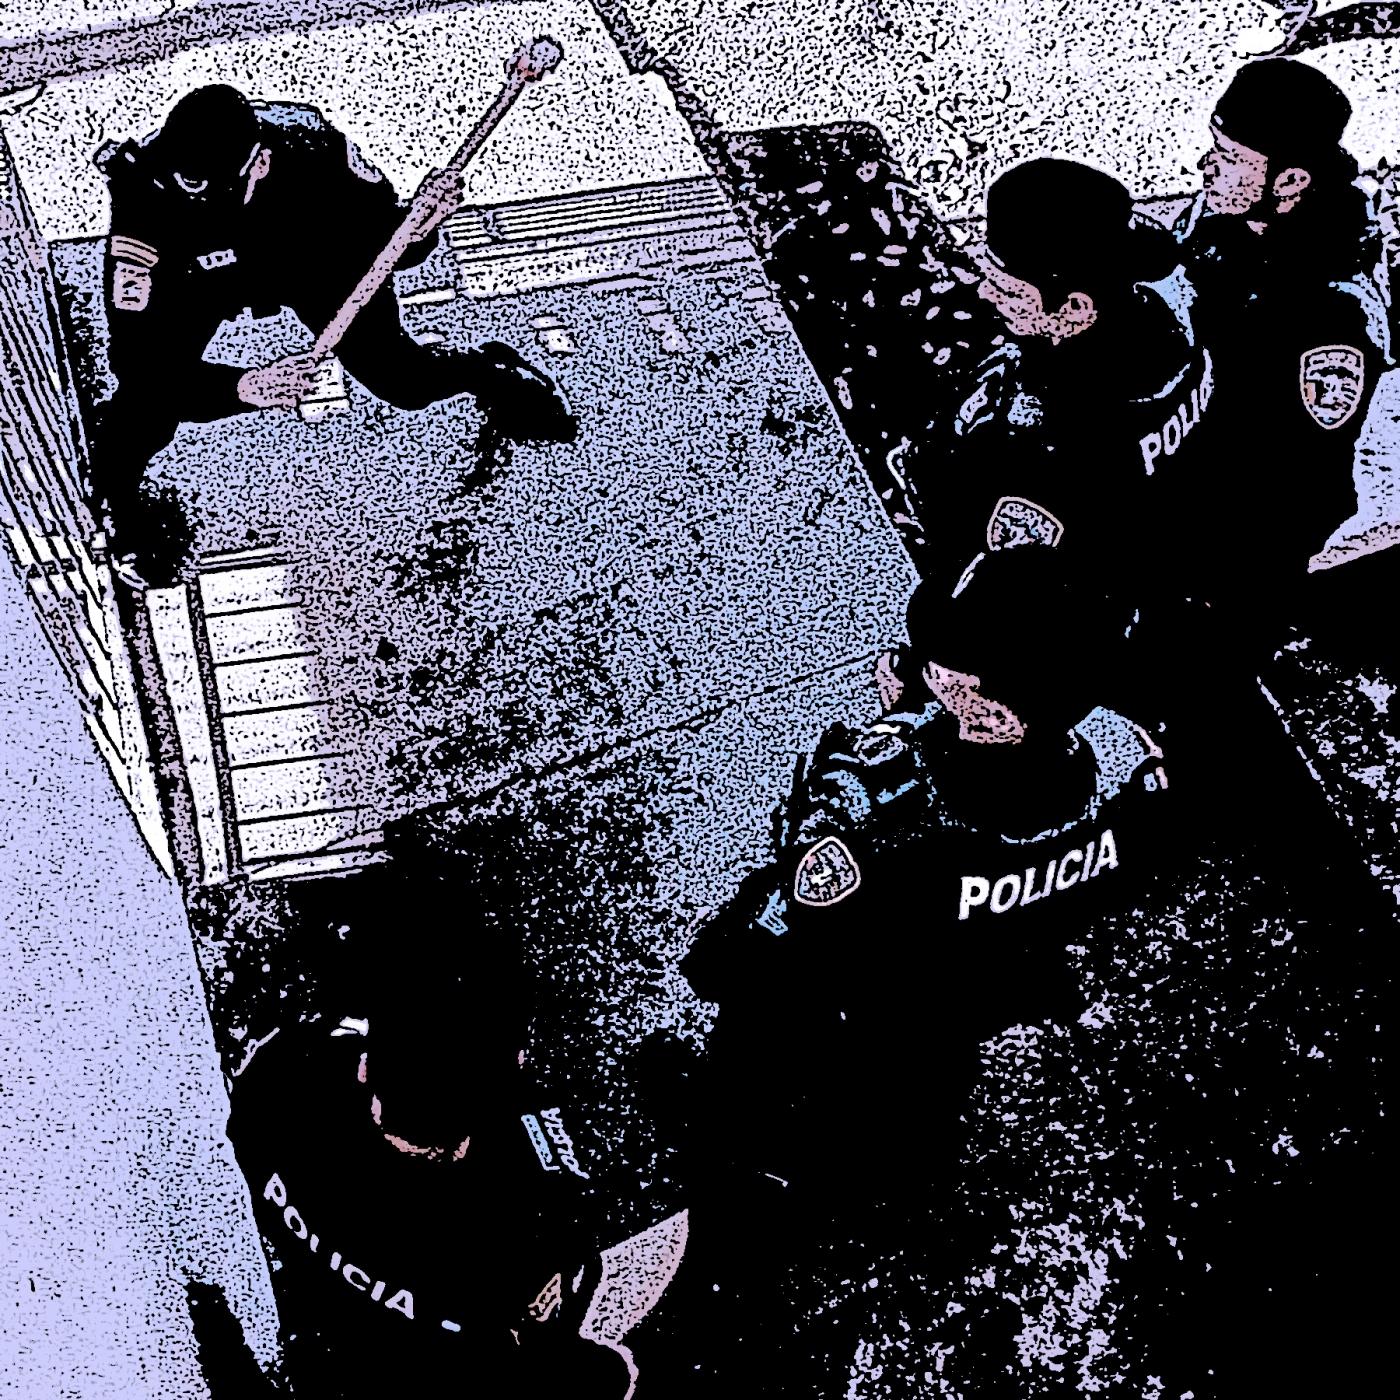 03/23/00 FOTO GARY GUTIERREZ OPERATIVO1:COMO PARTE DEL OPERATIVO REALIZADO POR LA POLICICA DEL AREA DE GUAYAMA, AGENTES DE SATURACION LLEVARON ALLANAMIENTOS EN VARIOS RECIDENCIALES ENTRE LOS QUE SE ENCUENTRABA BRISAS DEL MAR EN SALINAS. ALLI DETUVIERON DOS MUJERES NO IDENTIFICADAS A QUIEN ALEGADAMENTE LE OCUPARON 40 SOBRES DE COCAINA